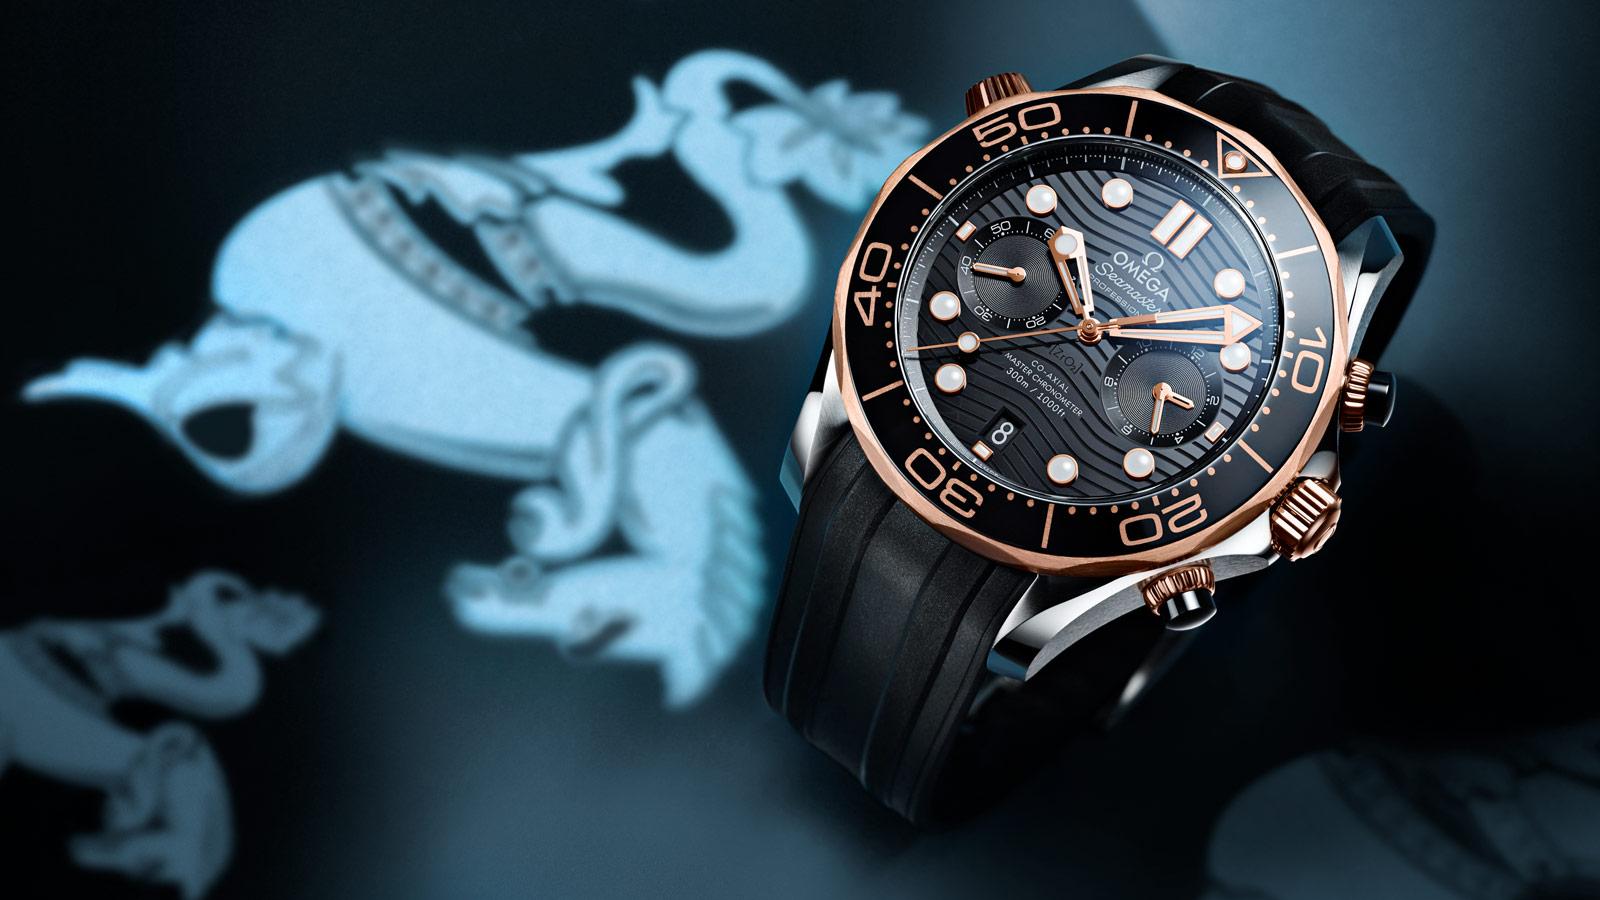 Seamaster 300米潜水表 300米潜水表 欧米茄同轴至臻天文台计时腕表44毫米 - 210.22.44.51.01.001 - 查看 1